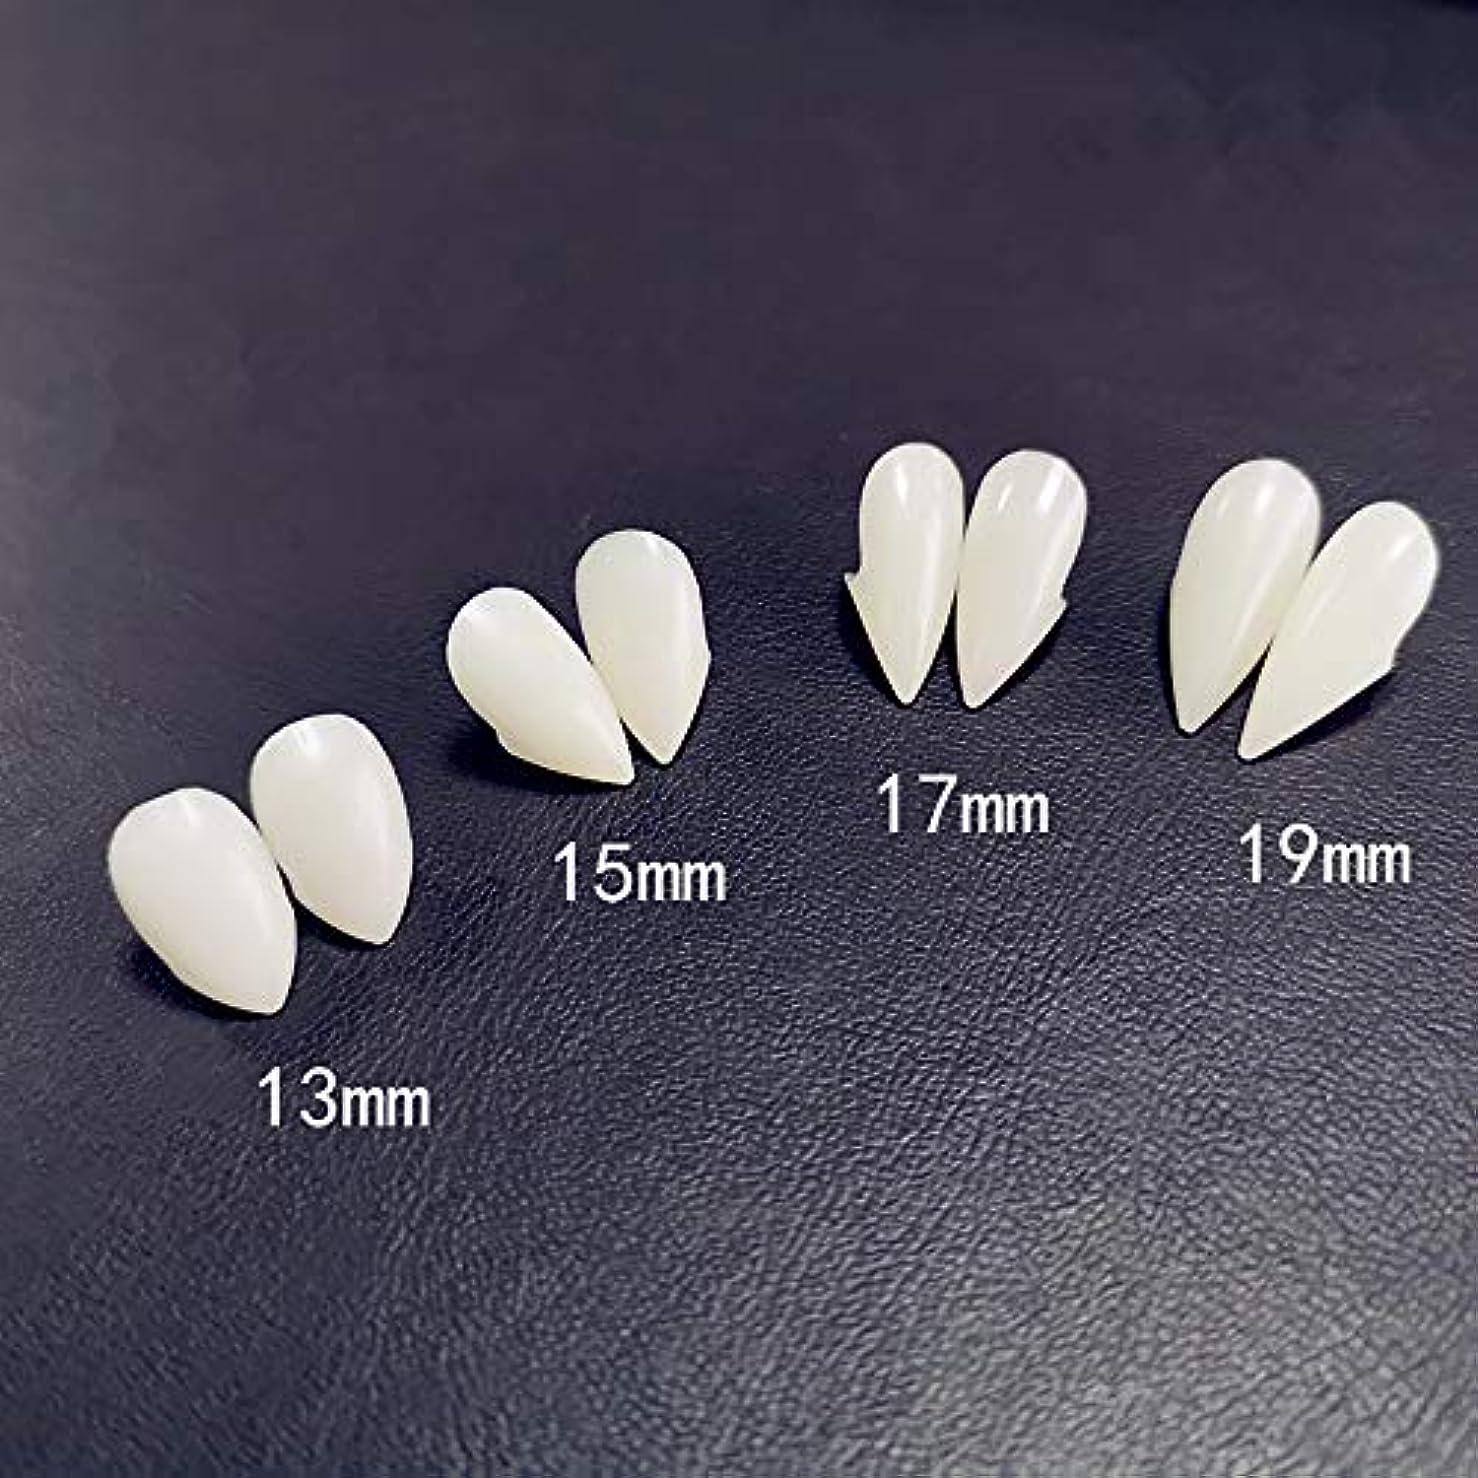 航空東ティモール考えた6ペア牙キット歯の入れ歯歯の牙入れ歯小道具ハロウィーンの衣装小道具パーティーの好意休日DIYの装飾ホラー大人のための子供,19mm